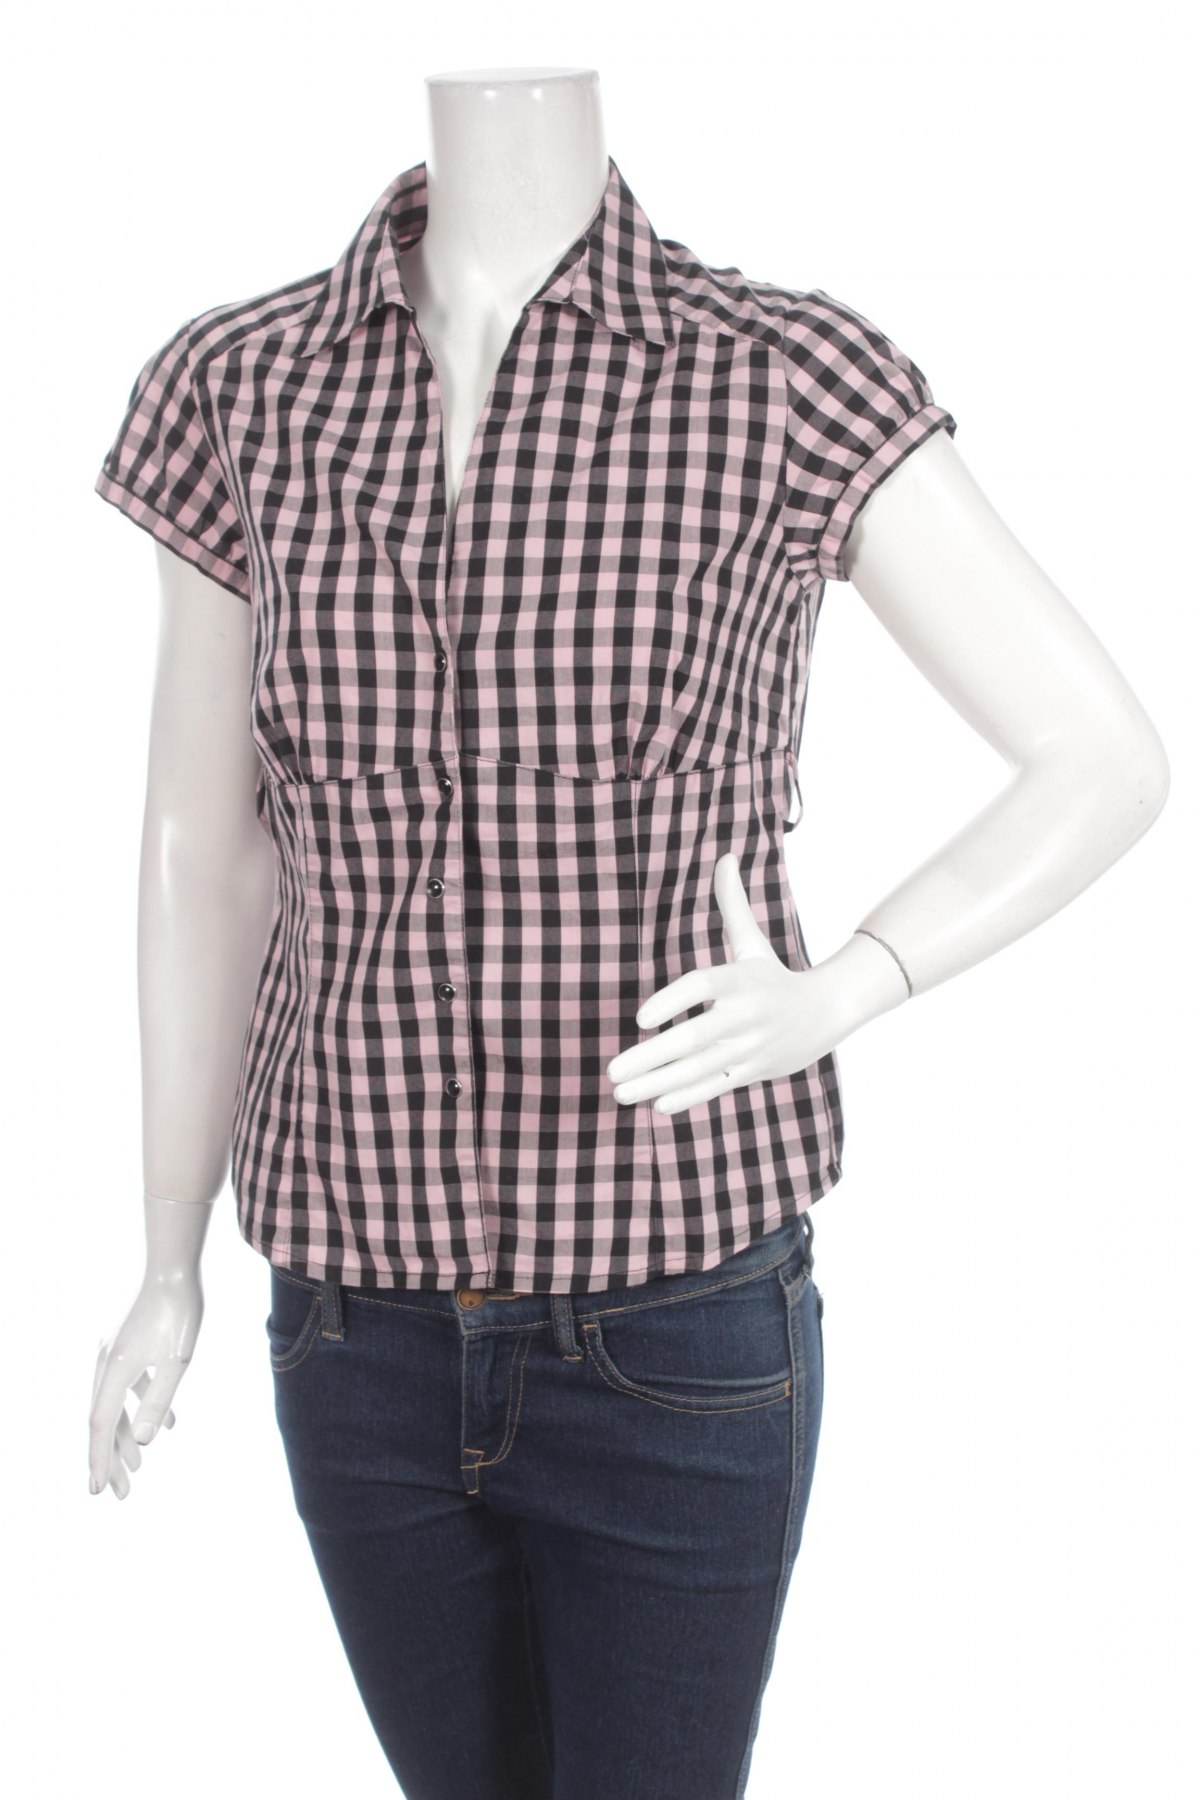 Γυναικείο πουκάμισο Avani, Μέγεθος M, Χρώμα Ρόζ , 69% βαμβάκι, 28% πολυεστέρας, 3% ελαστάνη, Τιμή 12,37€